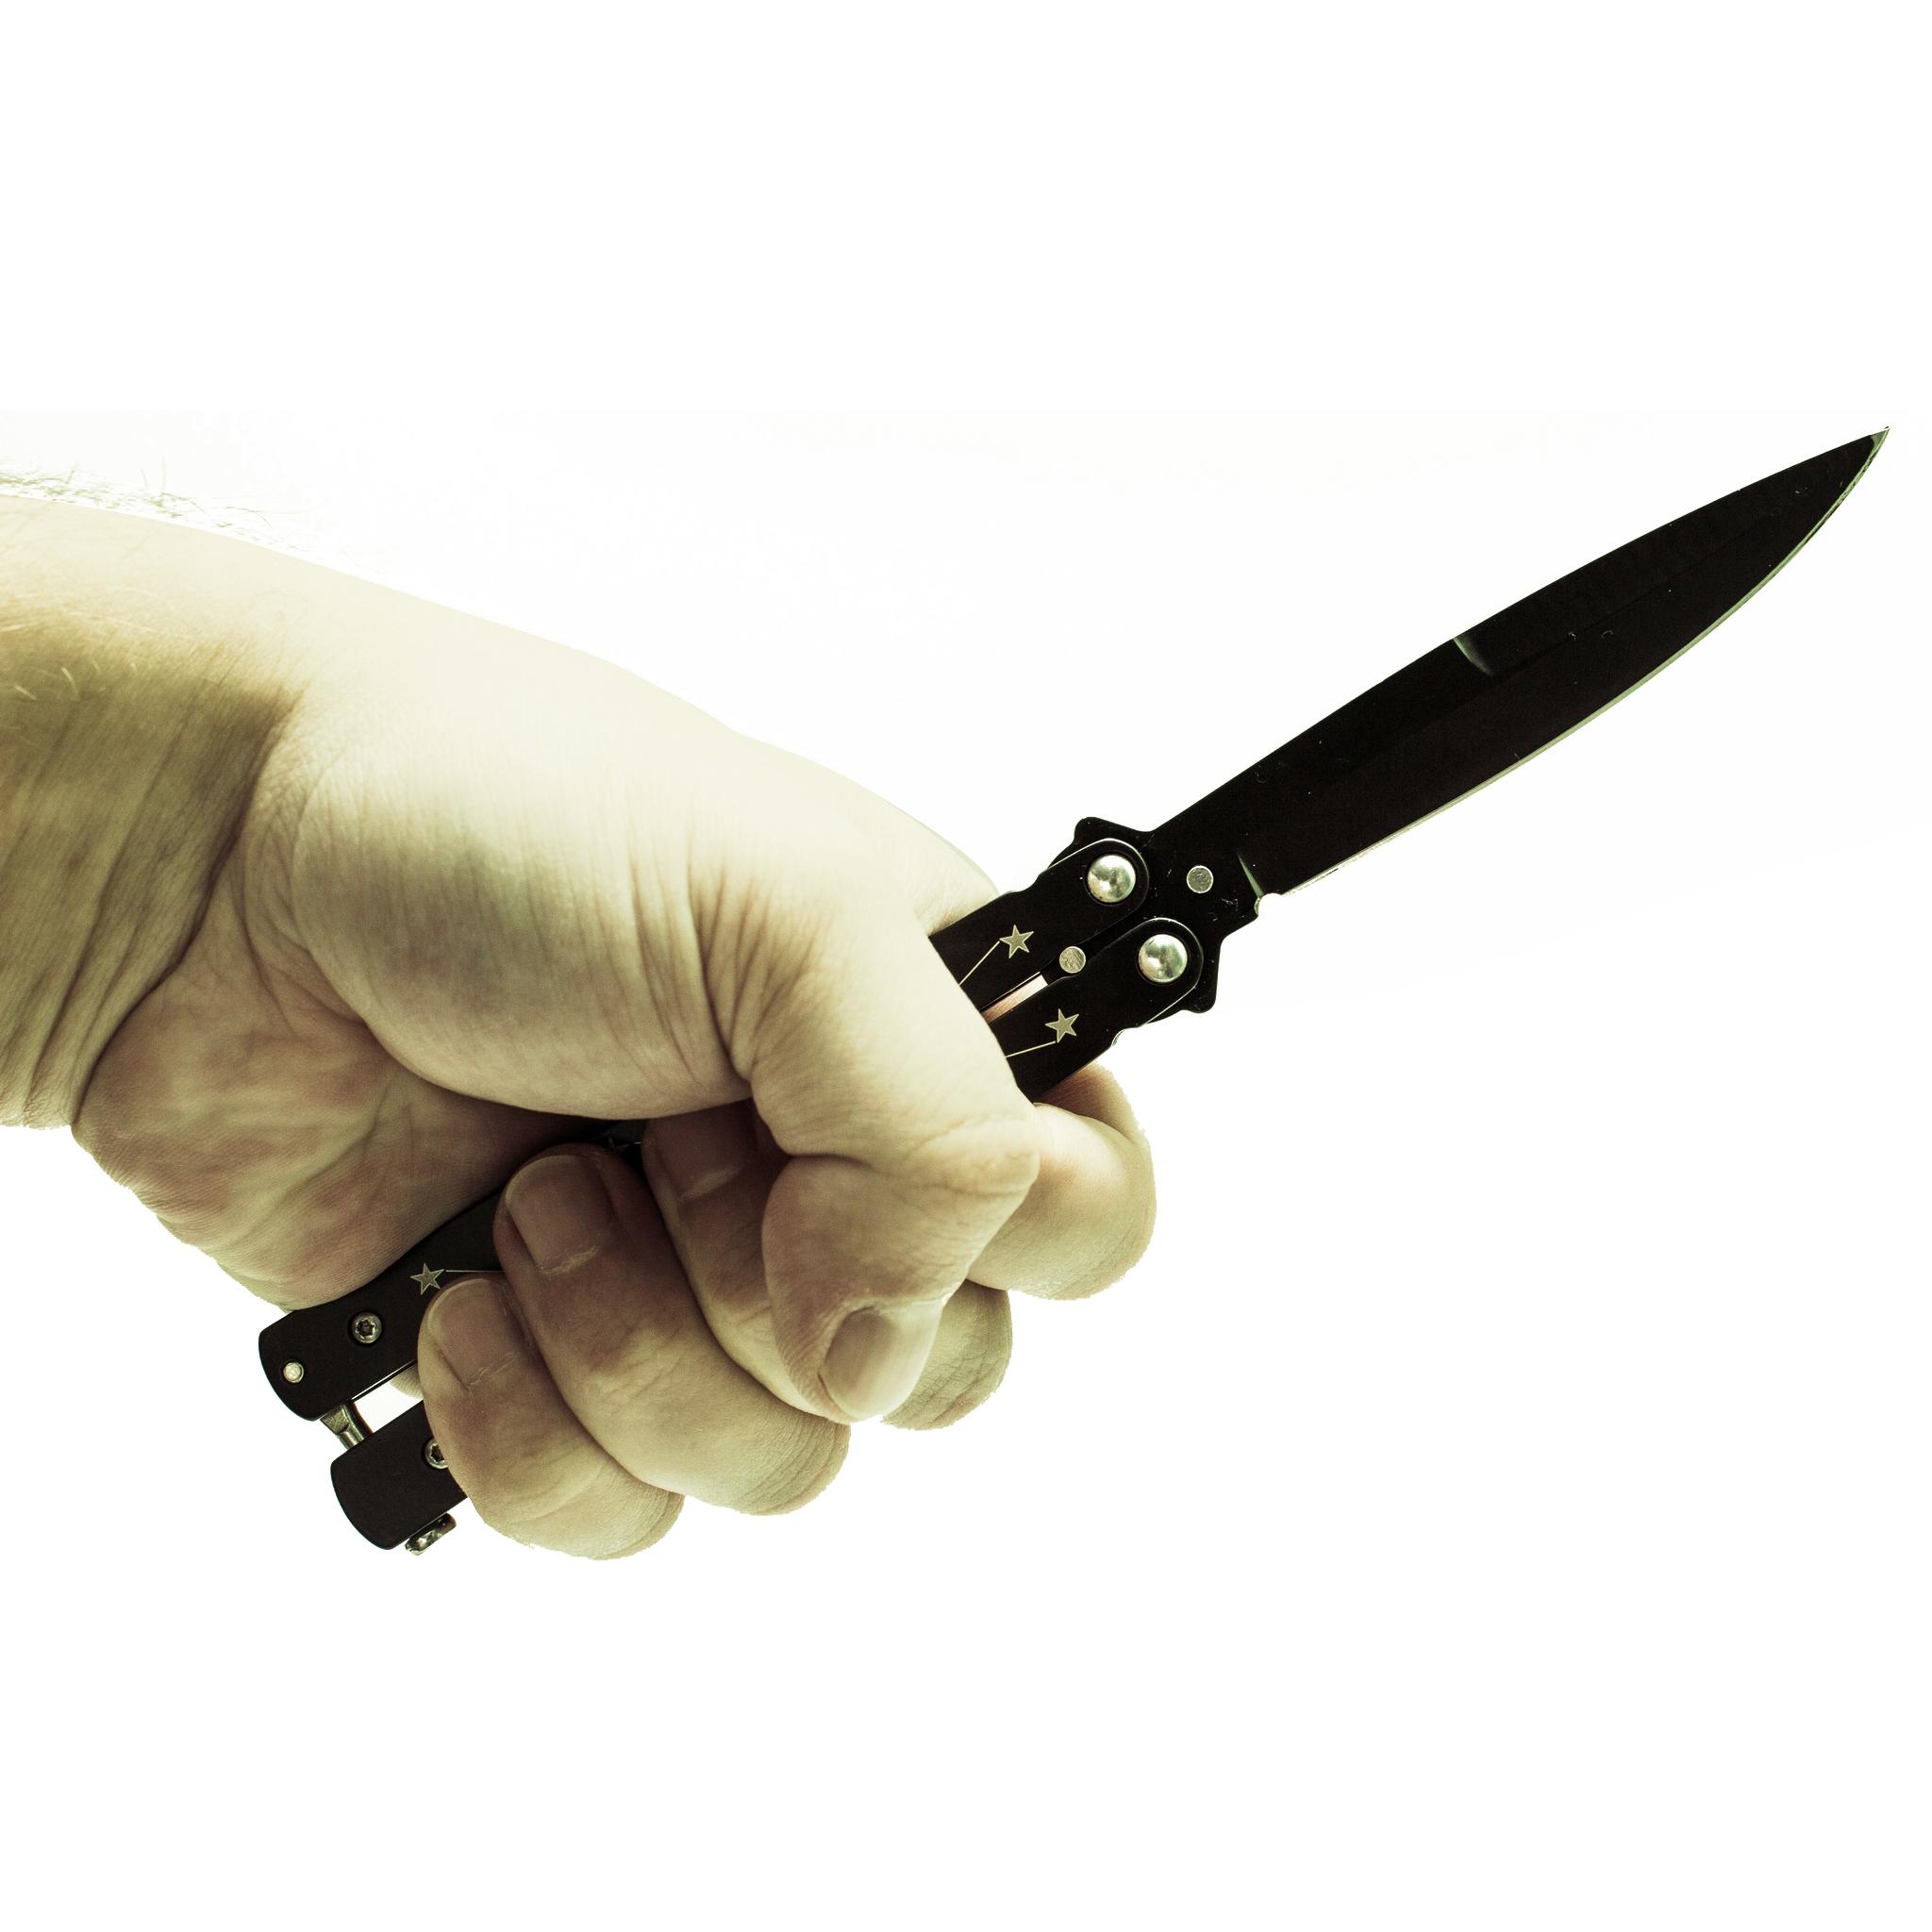 """Нож-бабочка (балисонг) Звездочет от Магазин ножей """"Ножиков"""""""